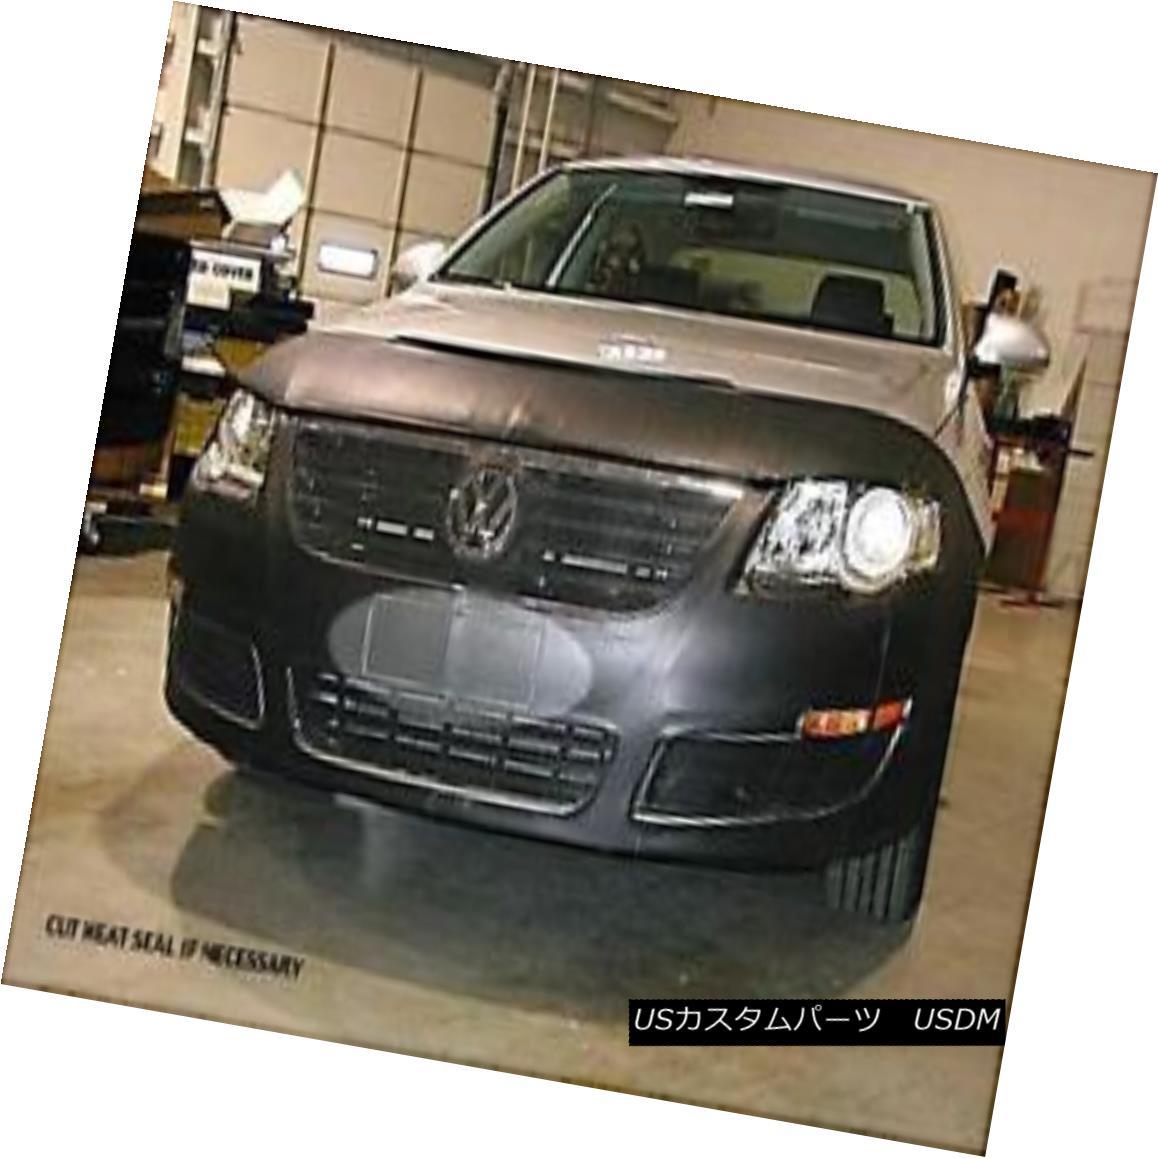 フルブラ ノーズブラ Lebra Front End Mask Cover Bra Fits VW PASSAT 2006 - 2010 LebraフロントエンドマスクカバーブラはVW PASSAT 2006 - 2010に適合